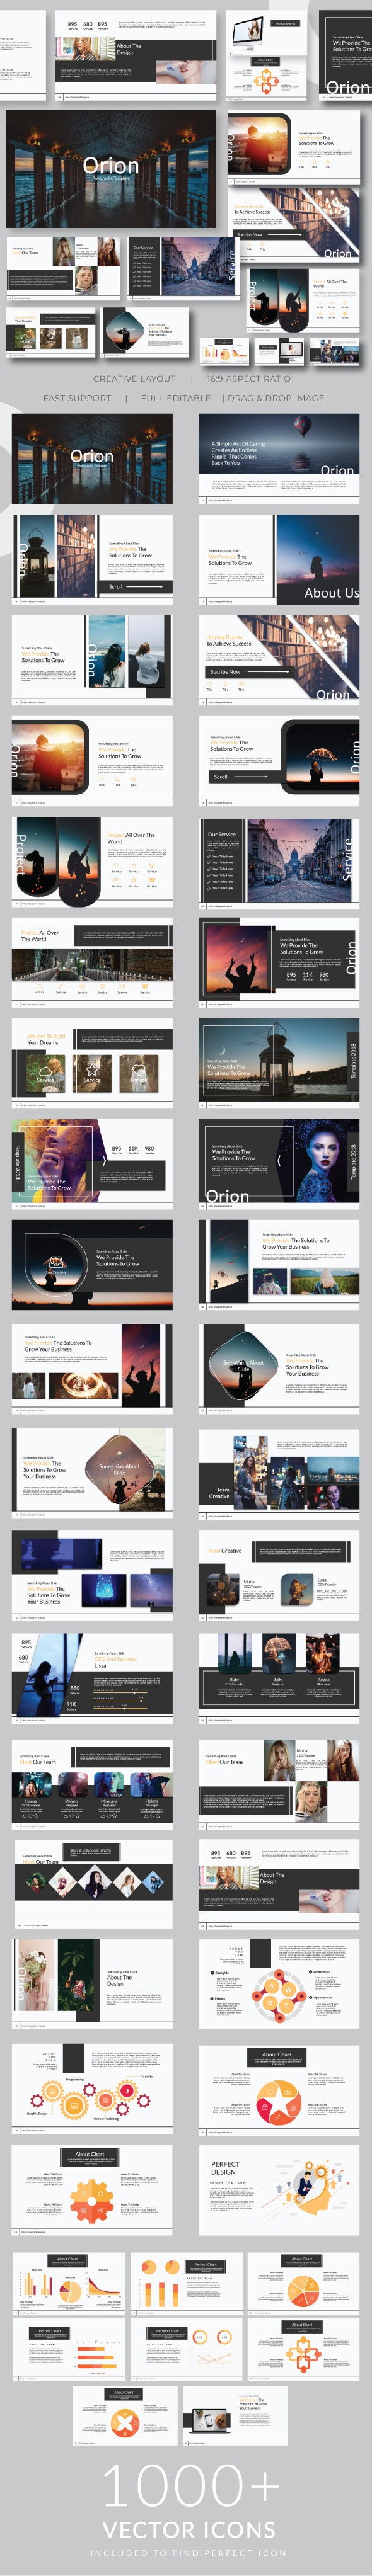 Orion Google Slide Template - Google Slides Presentation Templates